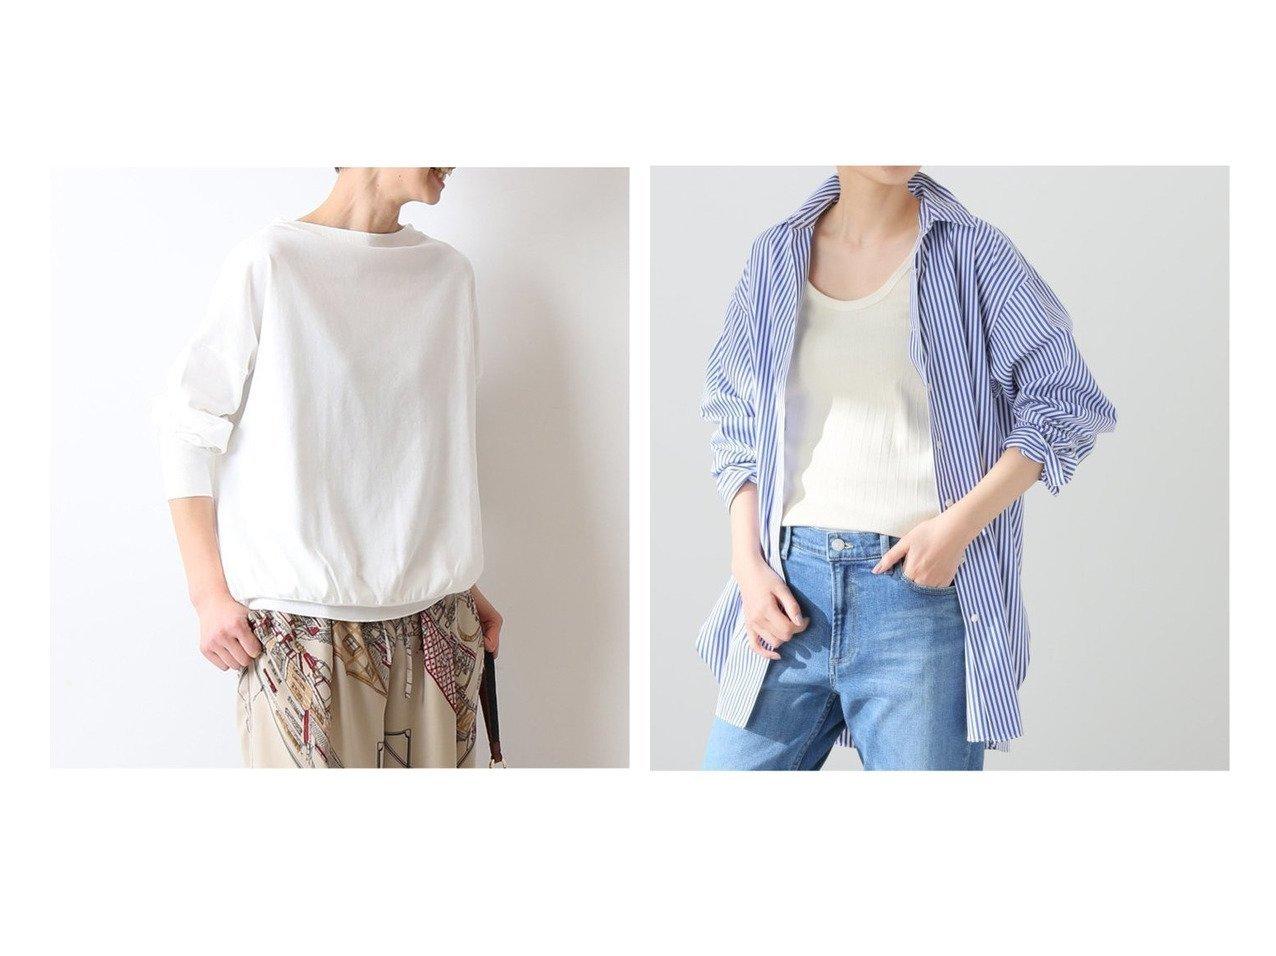 【FRAMeWORK/フレームワーク】のTHOMAS MASONシャツ&GASS COTTON プルオーバー 【トップス・カットソー】おすすめ!人気、トレンド・レディースファッションの通販   おすすめで人気の流行・トレンド、ファッションの通販商品 メンズファッション・キッズファッション・インテリア・家具・レディースファッション・服の通販 founy(ファニー) https://founy.com/ ファッション Fashion レディースファッション WOMEN トップス・カットソー Tops/Tshirt ニット Knit Tops プルオーバー Pullover シャツ/ブラウス Shirts/Blouses 2021年 2021 2021春夏・S/S SS/Spring/Summer/2021 S/S・春夏 SS・Spring/Summer イタリア セーター 再入荷 Restock/Back in Stock/Re Arrival NEW・新作・新着・新入荷 New Arrivals カフス ストライプ スリット バランス ワンポイント |ID:crp329100000031800